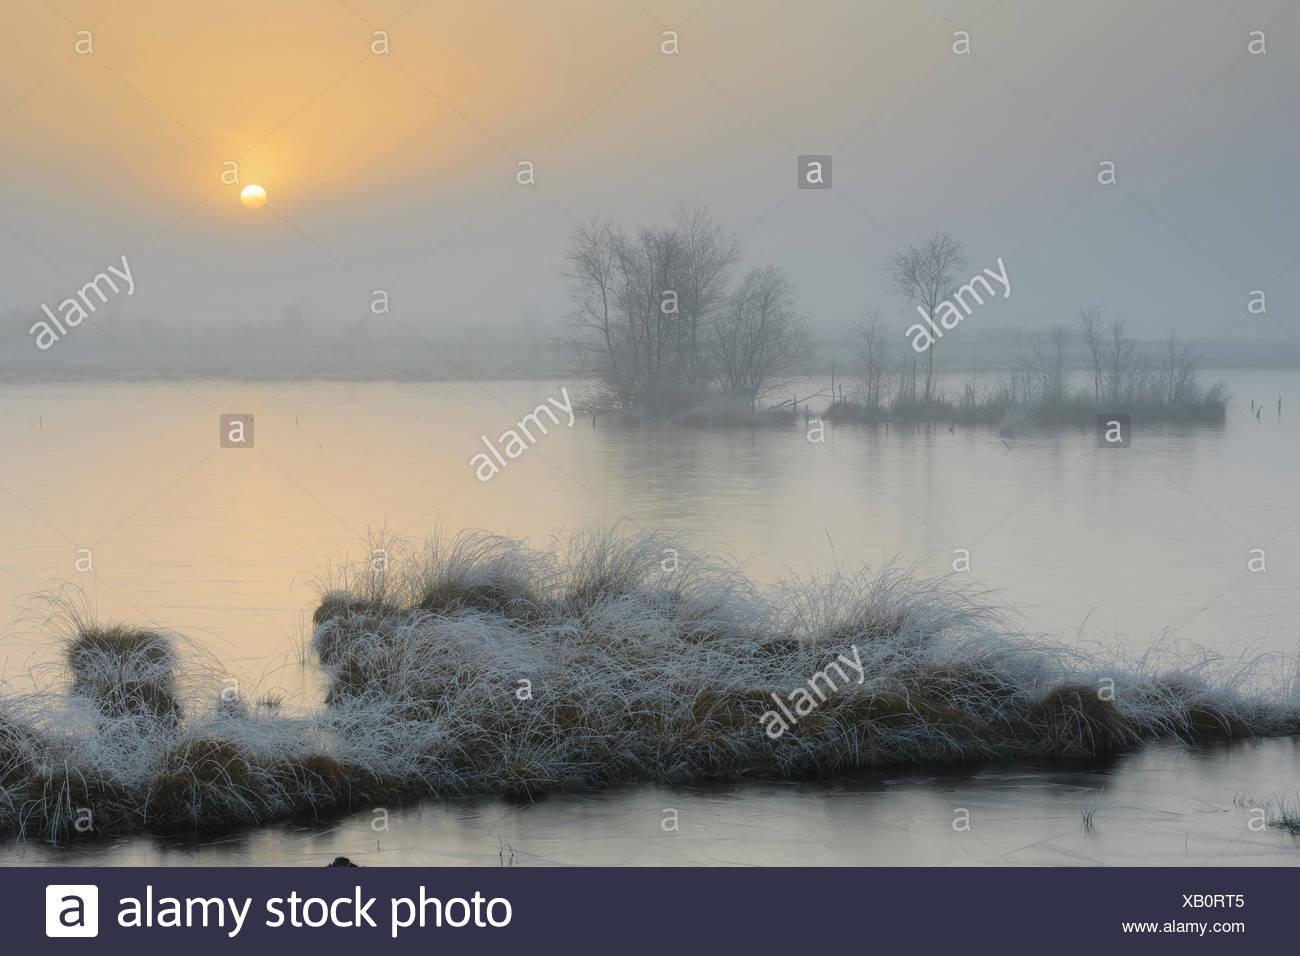 goldenstedter moor in winter, niedersachsen, lower saxony, germany - Stock Image